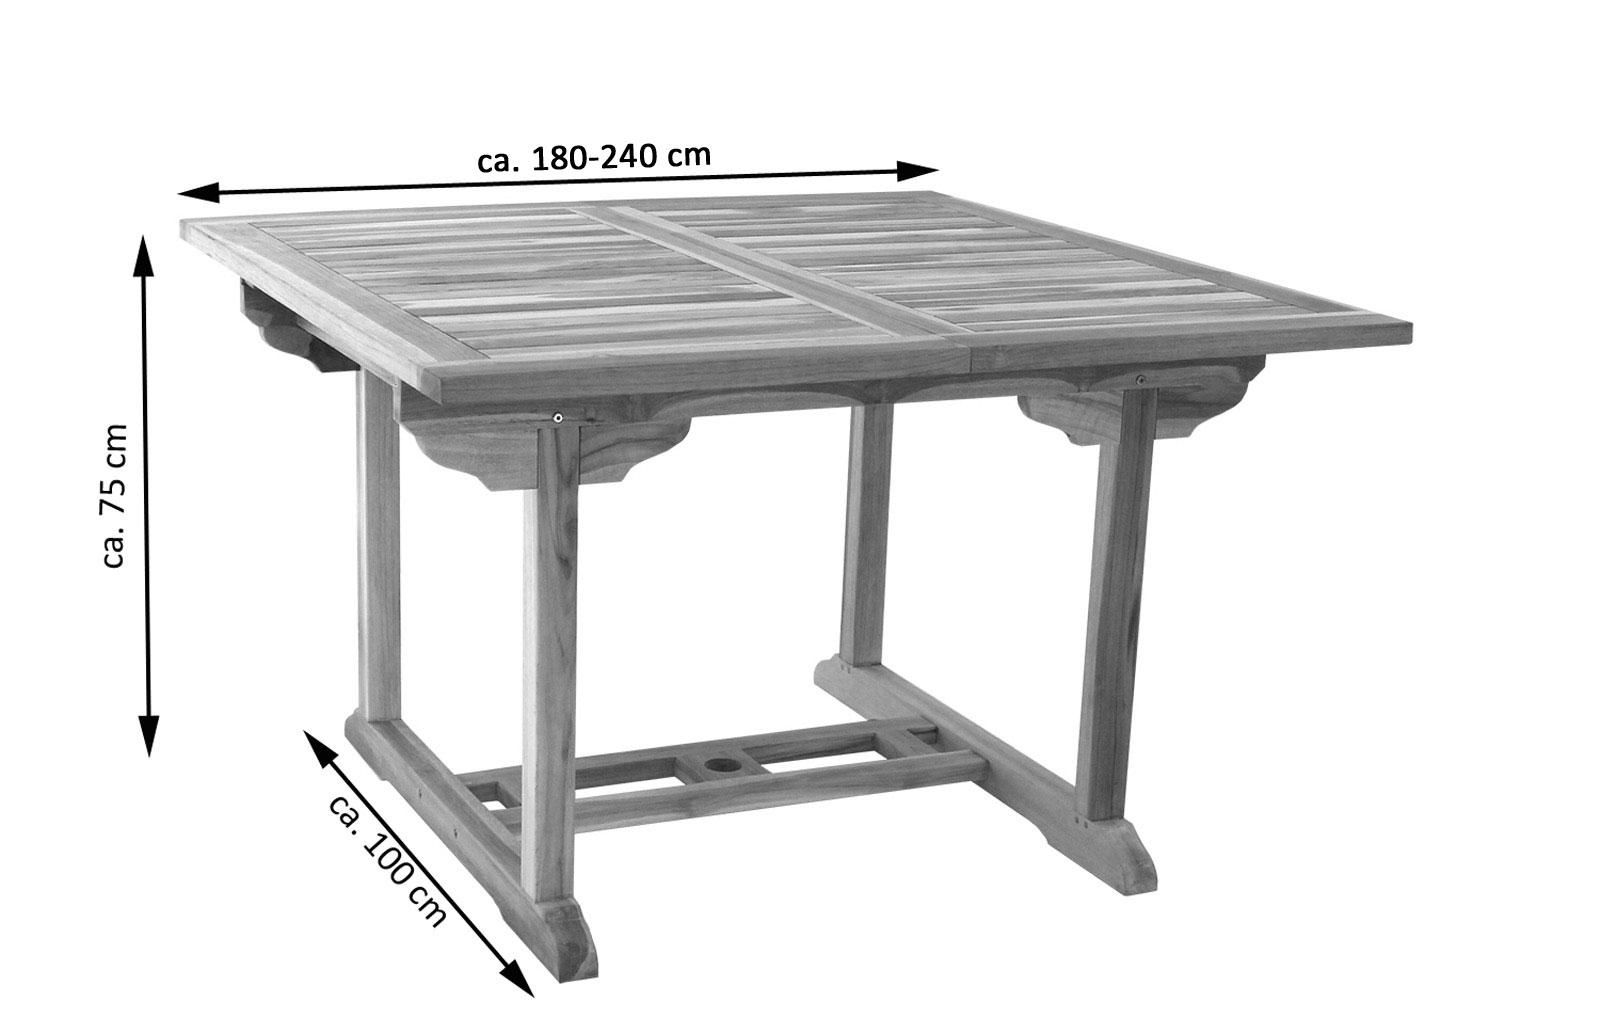 sam teak gartenm bel set 4tlg eckbank holz tisch 180 cm ka demn chst. Black Bedroom Furniture Sets. Home Design Ideas